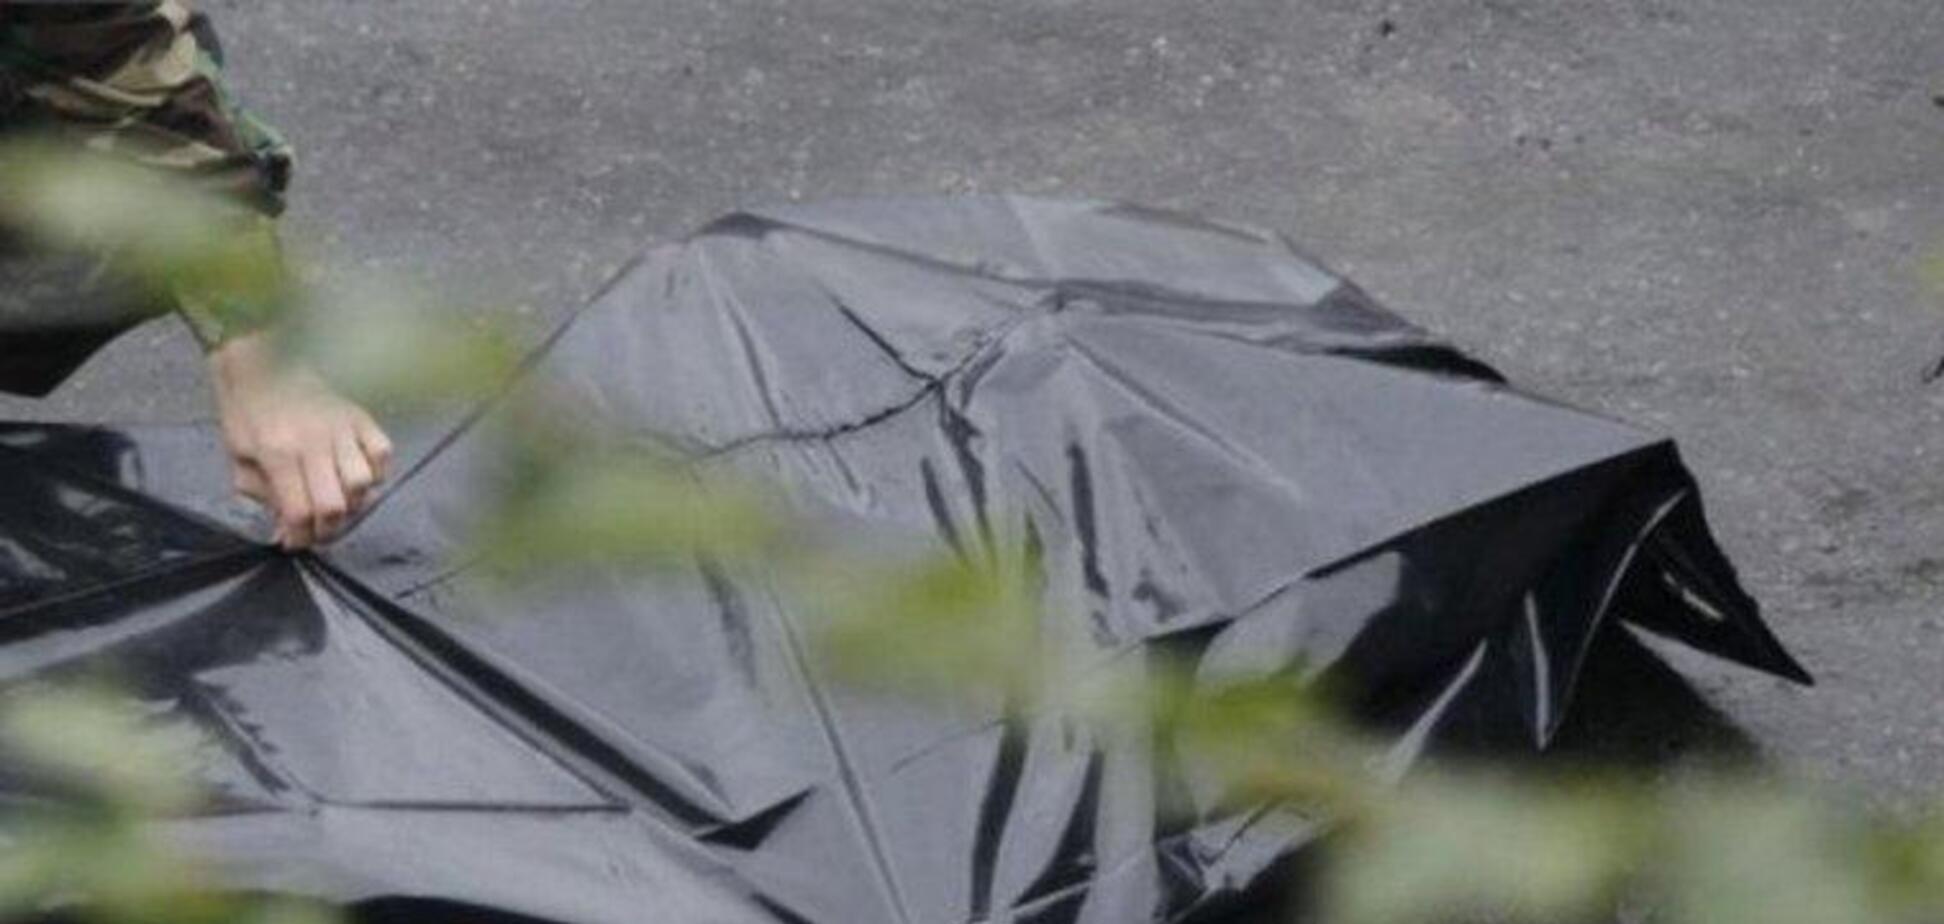 У Кривому Розі знайшли тіло ветерана АТО без голови: подробиці